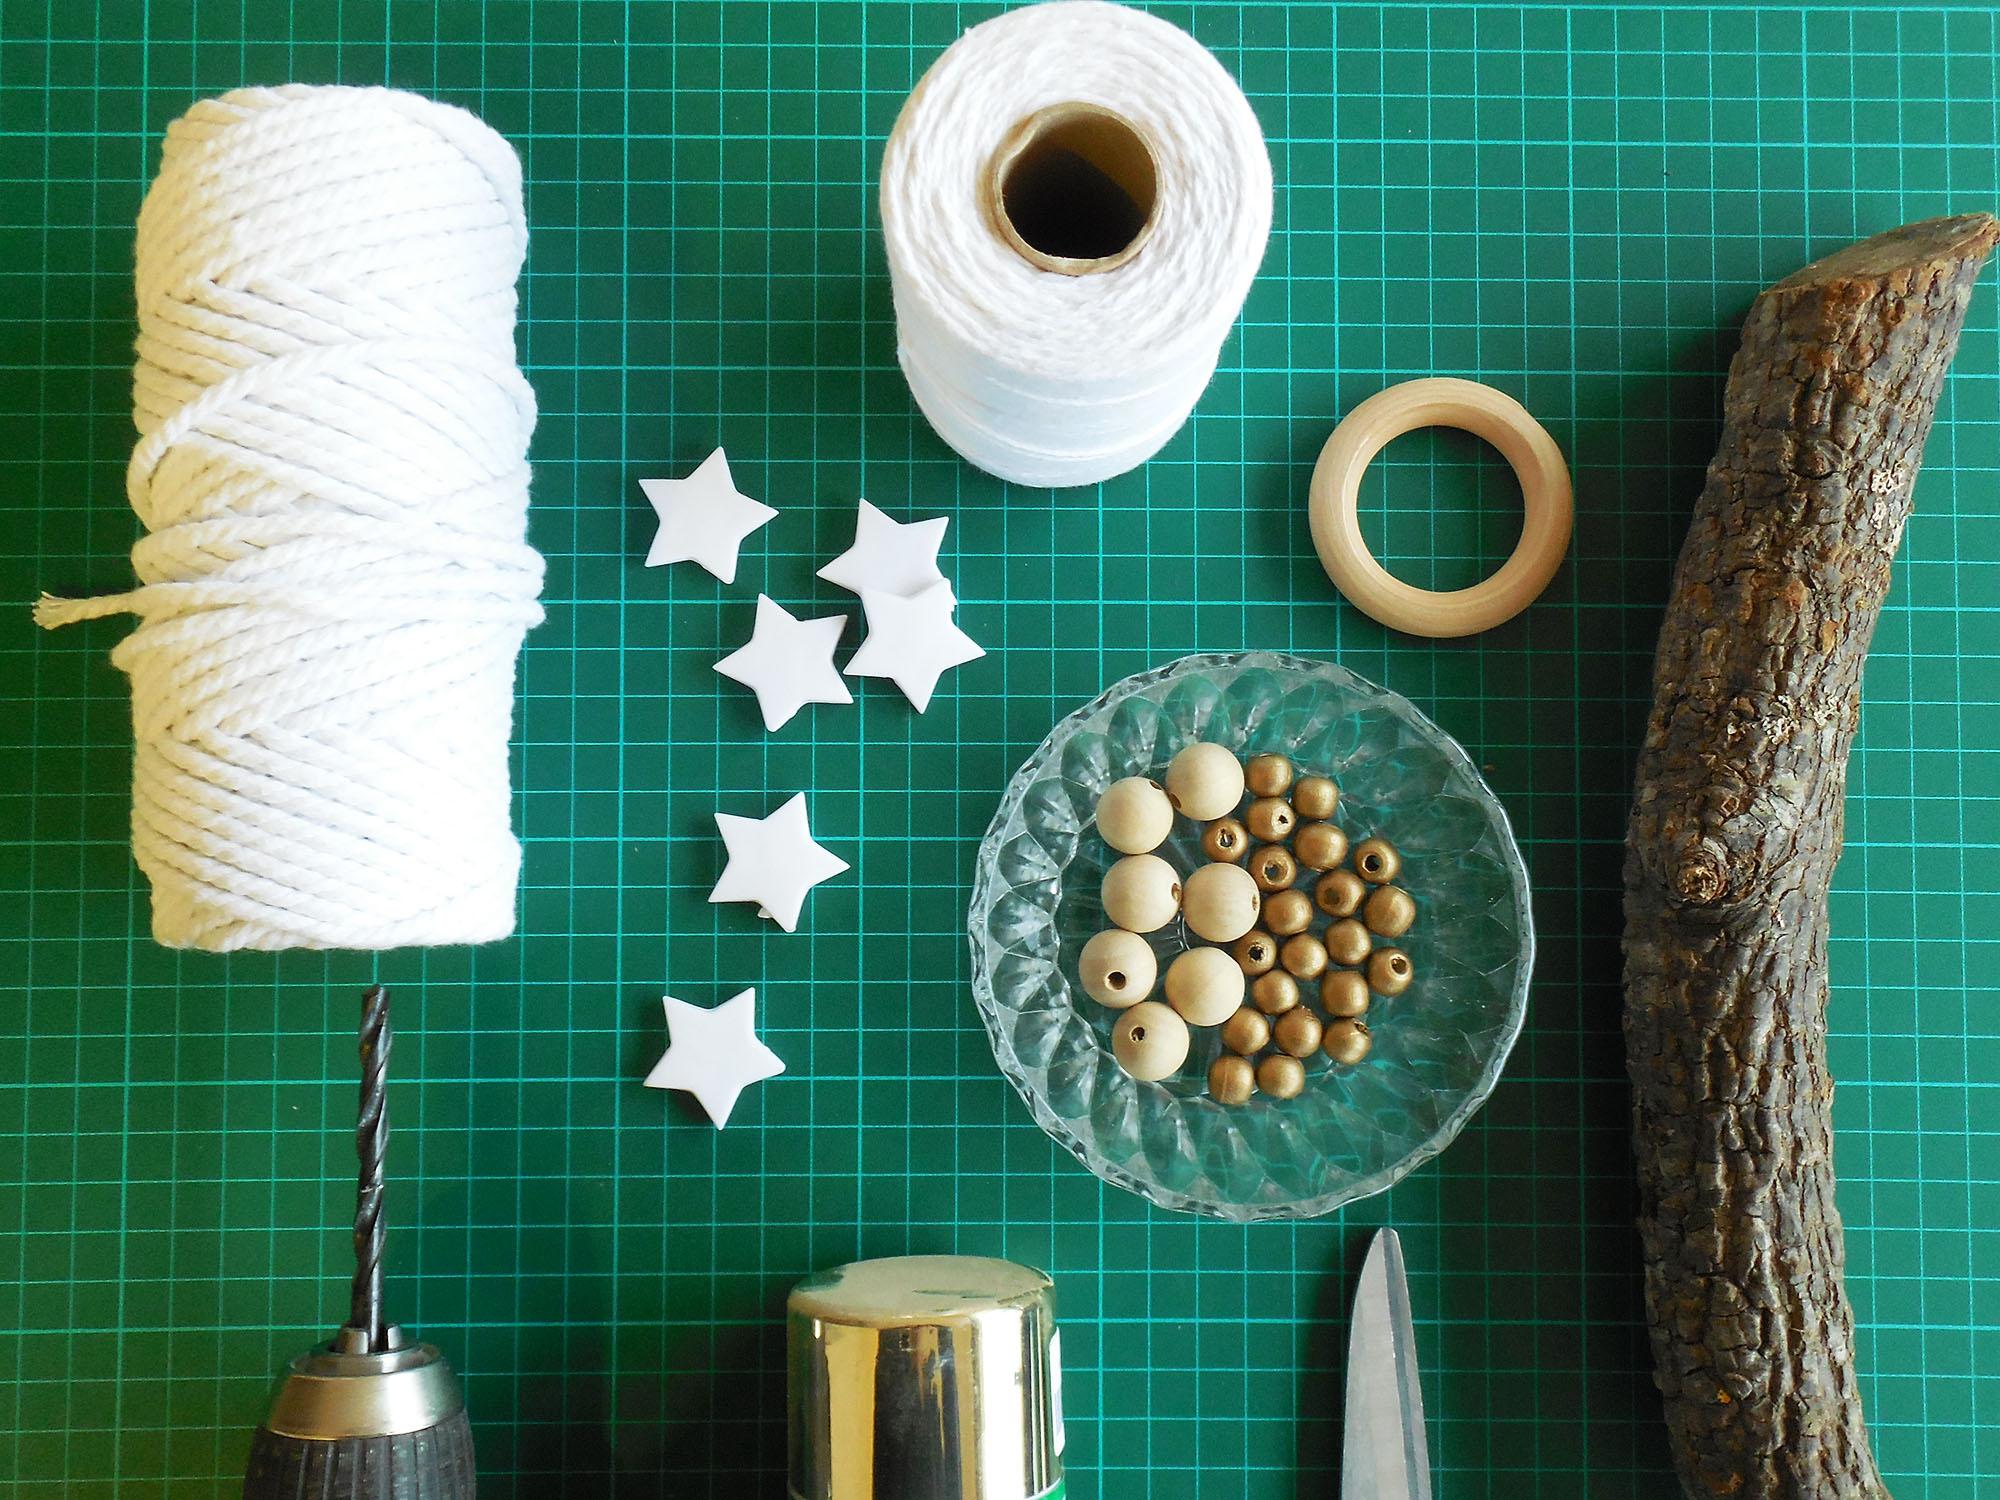 tuto fabriquer une suspension de noel jeanne s 39 amuse. Black Bedroom Furniture Sets. Home Design Ideas